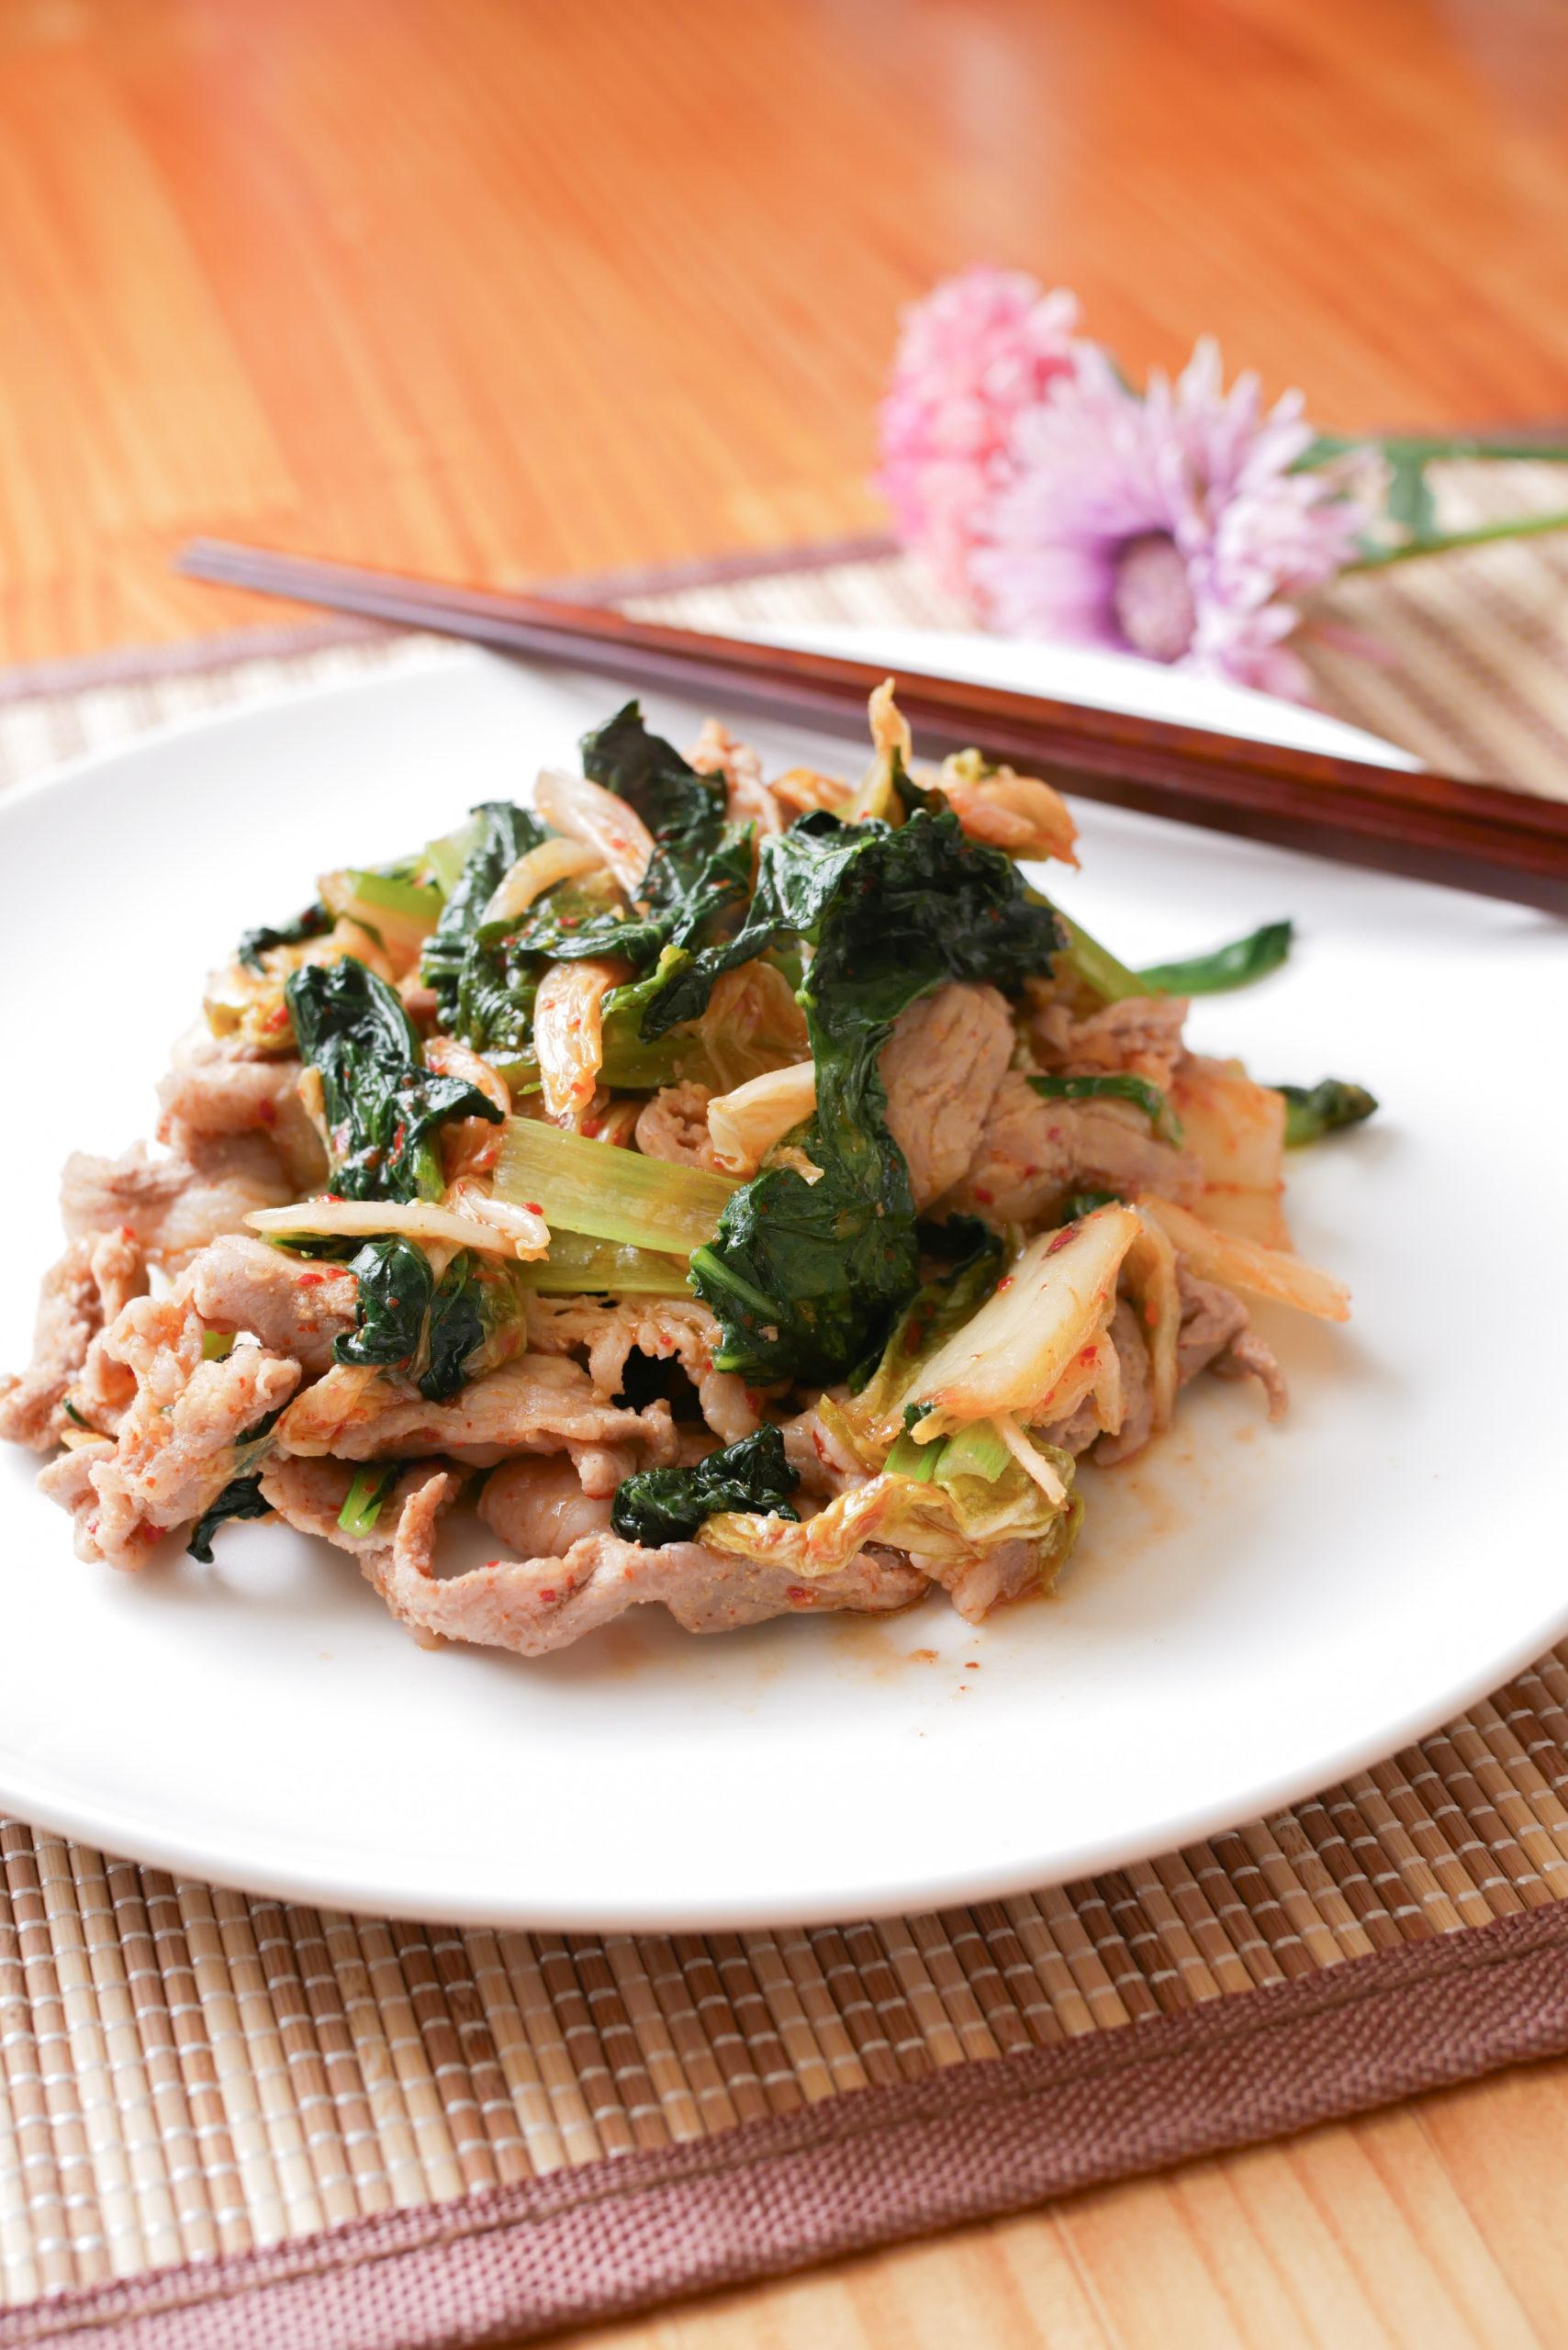 小松菜入りで美味しい豚キムチ